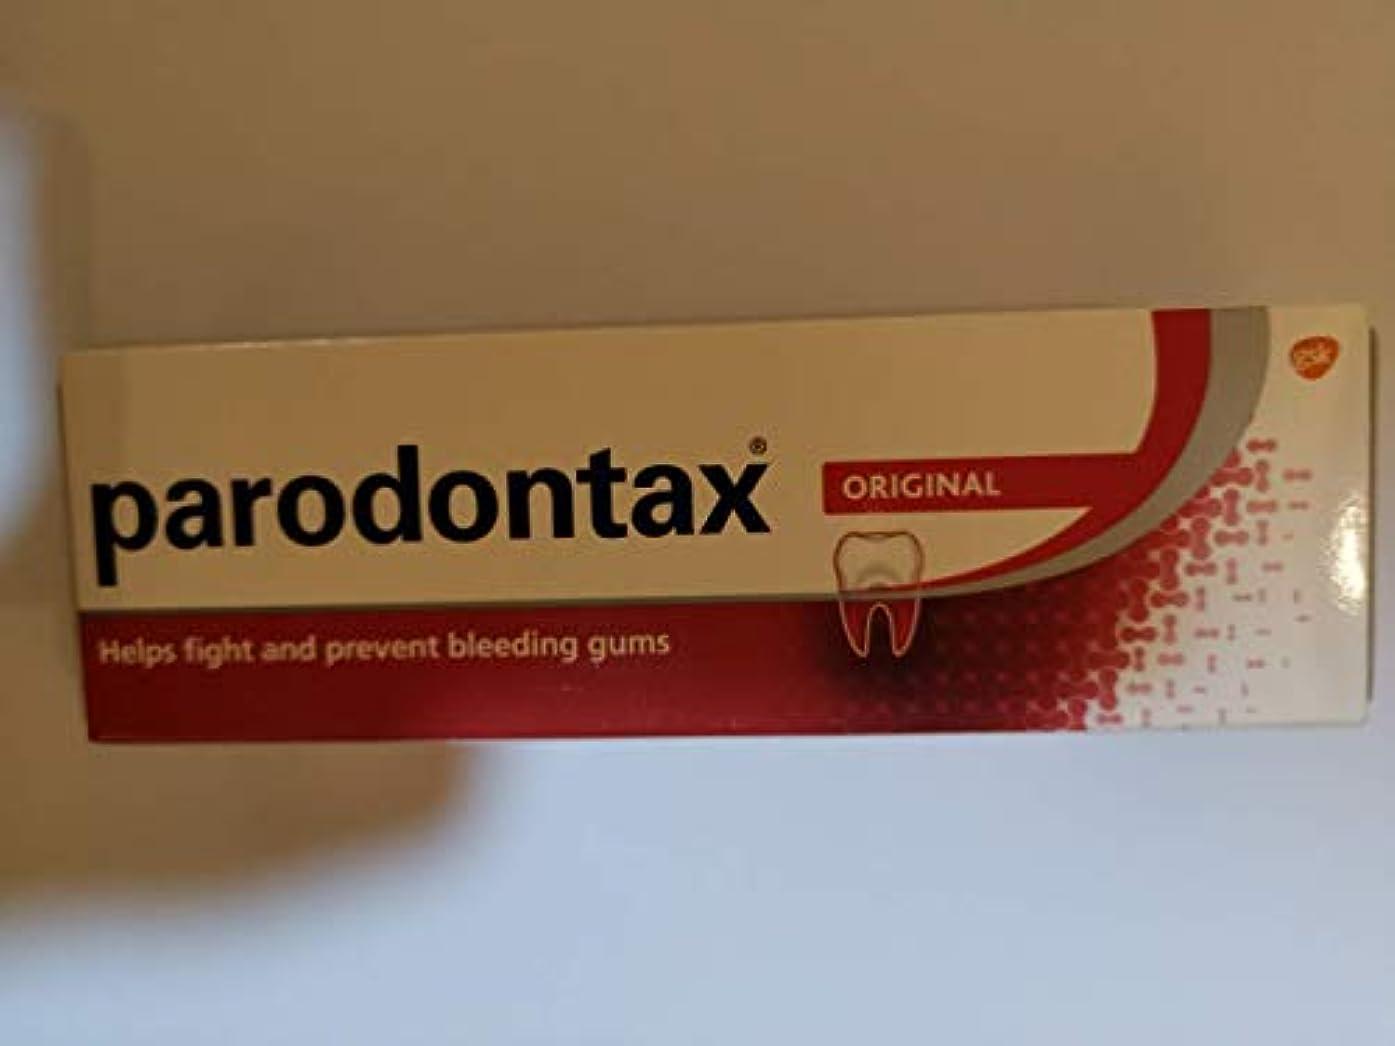 の前で回転空洞Parodontax 一日あたりのフッ化物歯磨き粉(90グラム)フッ化物歯磨き粉の毎日は、歯垢の除去を助けると歯茎の出血を防ぐことができます